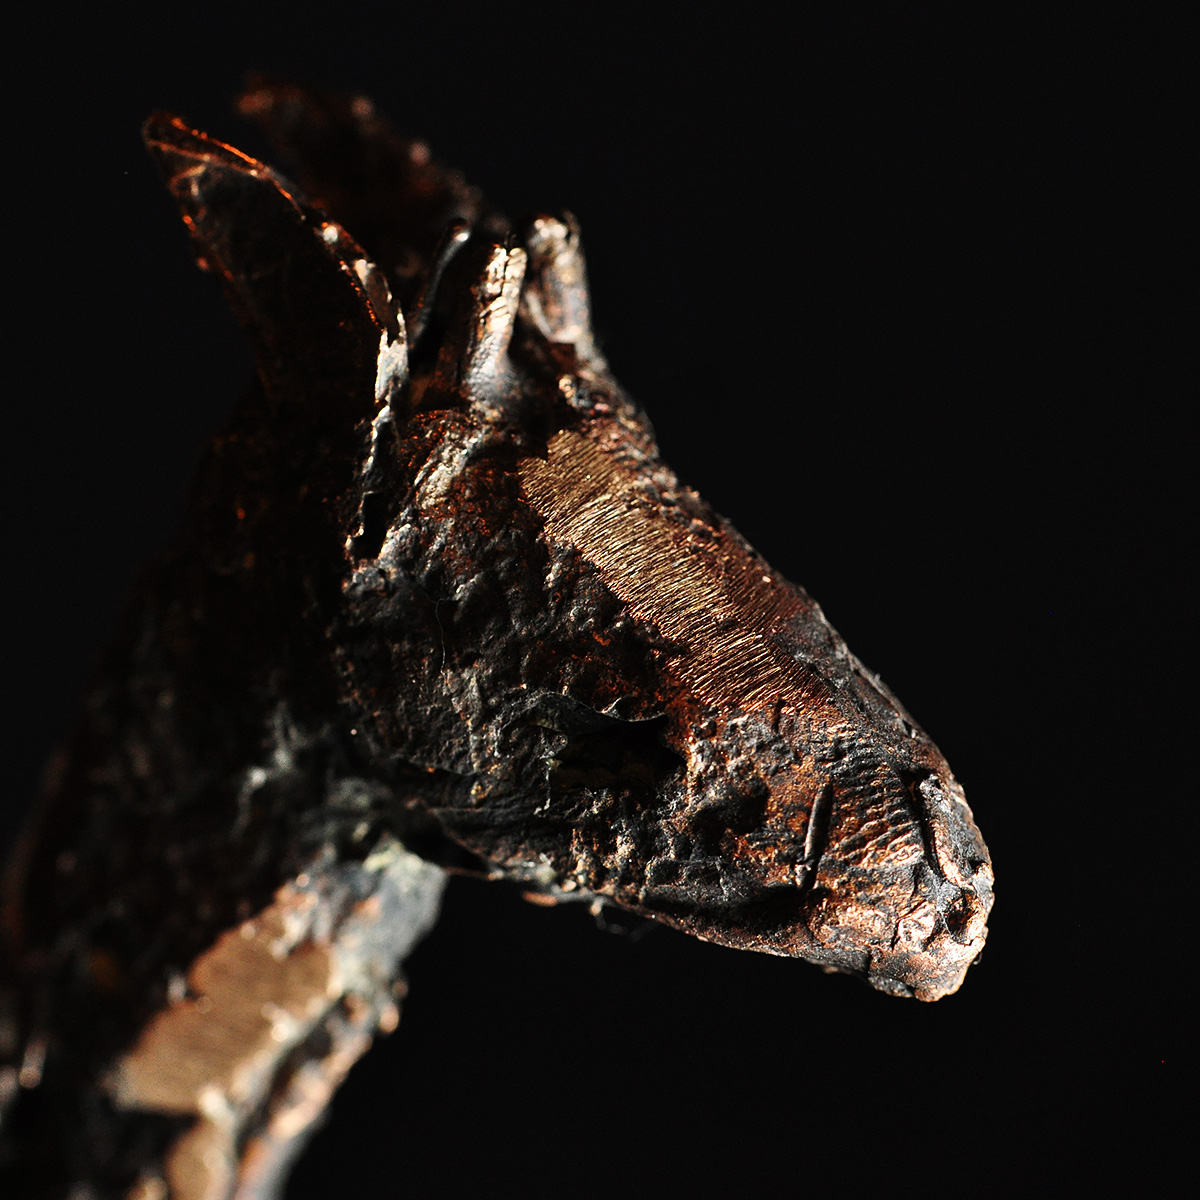 Bronzeskulptur af giraf. Detalje af hoved.